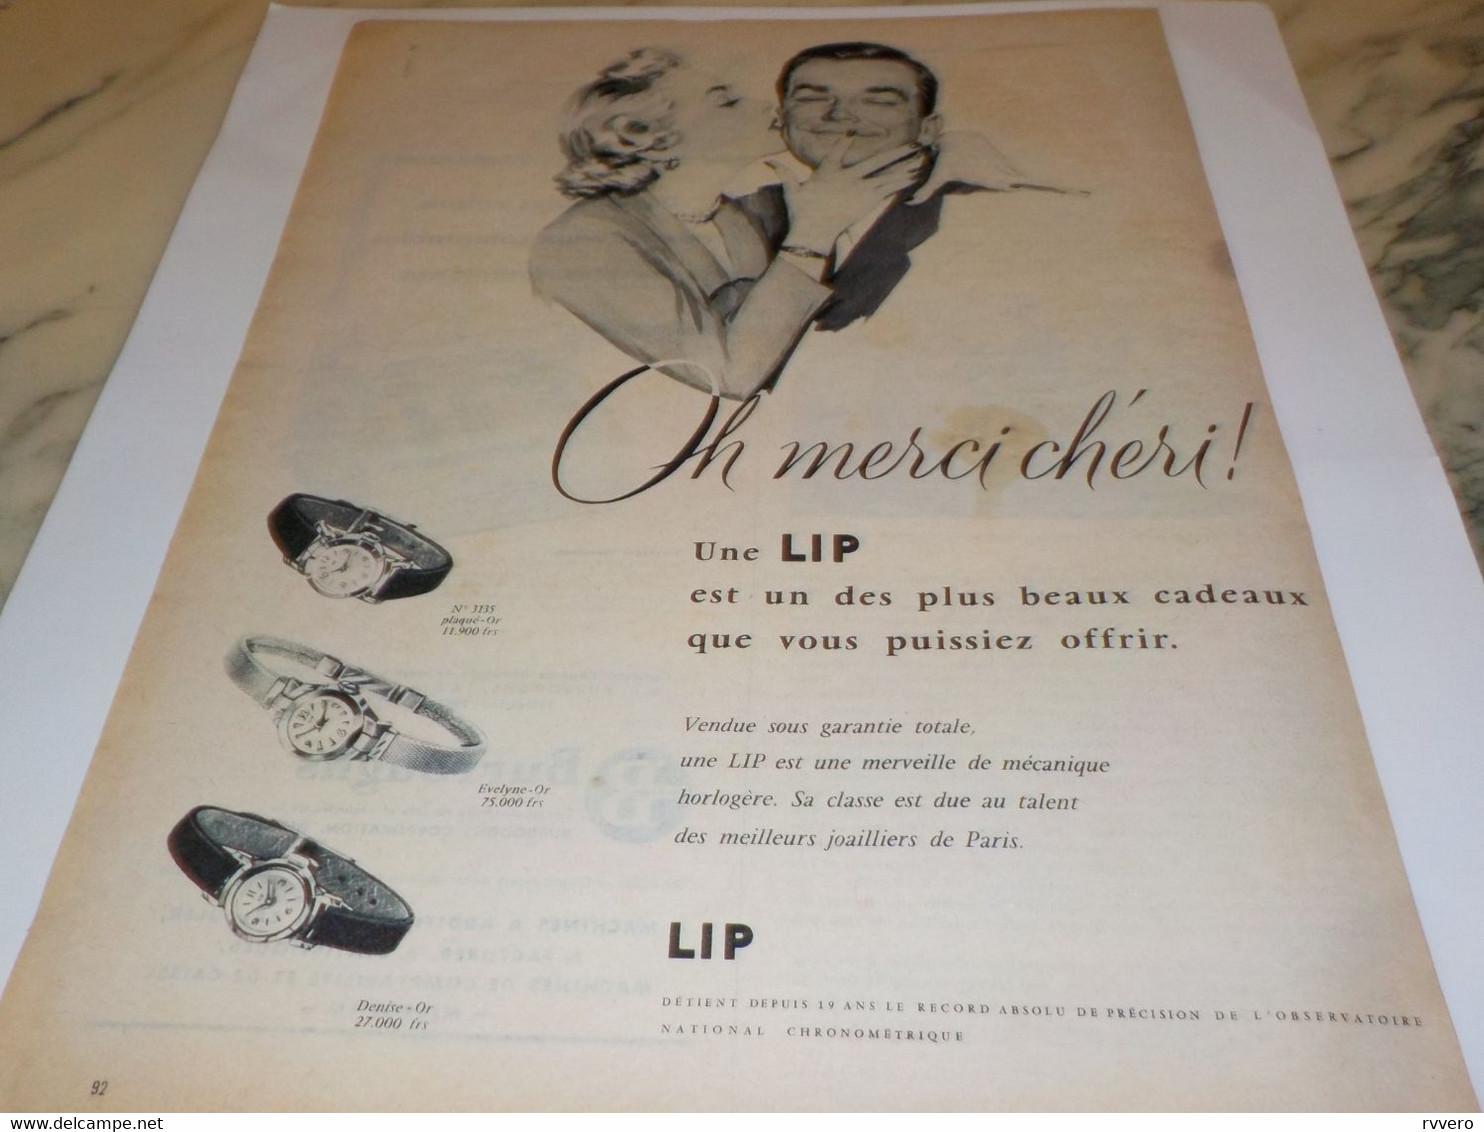 ANCIENNE PUBLICITE OH MERCI CHERI  MONTRE C EST UNE LIP  1955 - Bijoux & Horlogerie